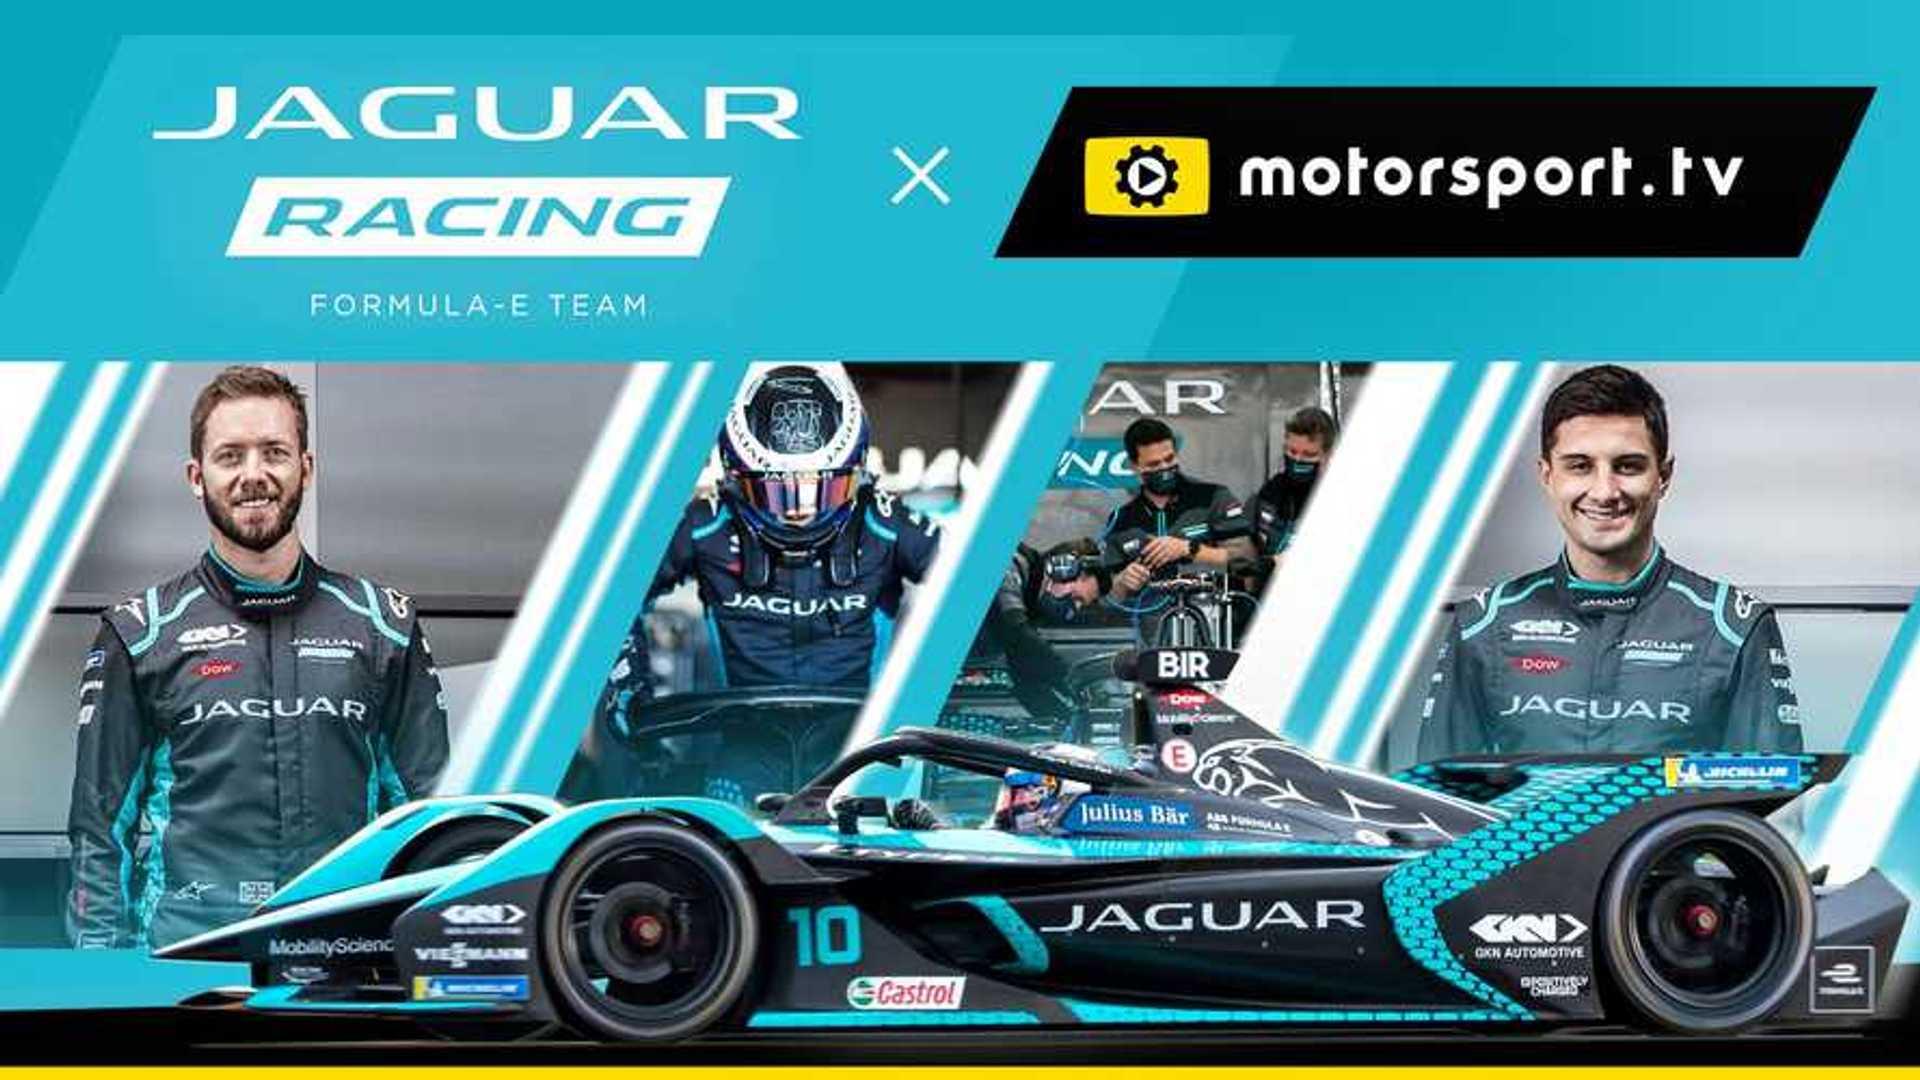 Jaguar знакомит поклонников с Формулой E с помощью специального канала на Motorsport.tv